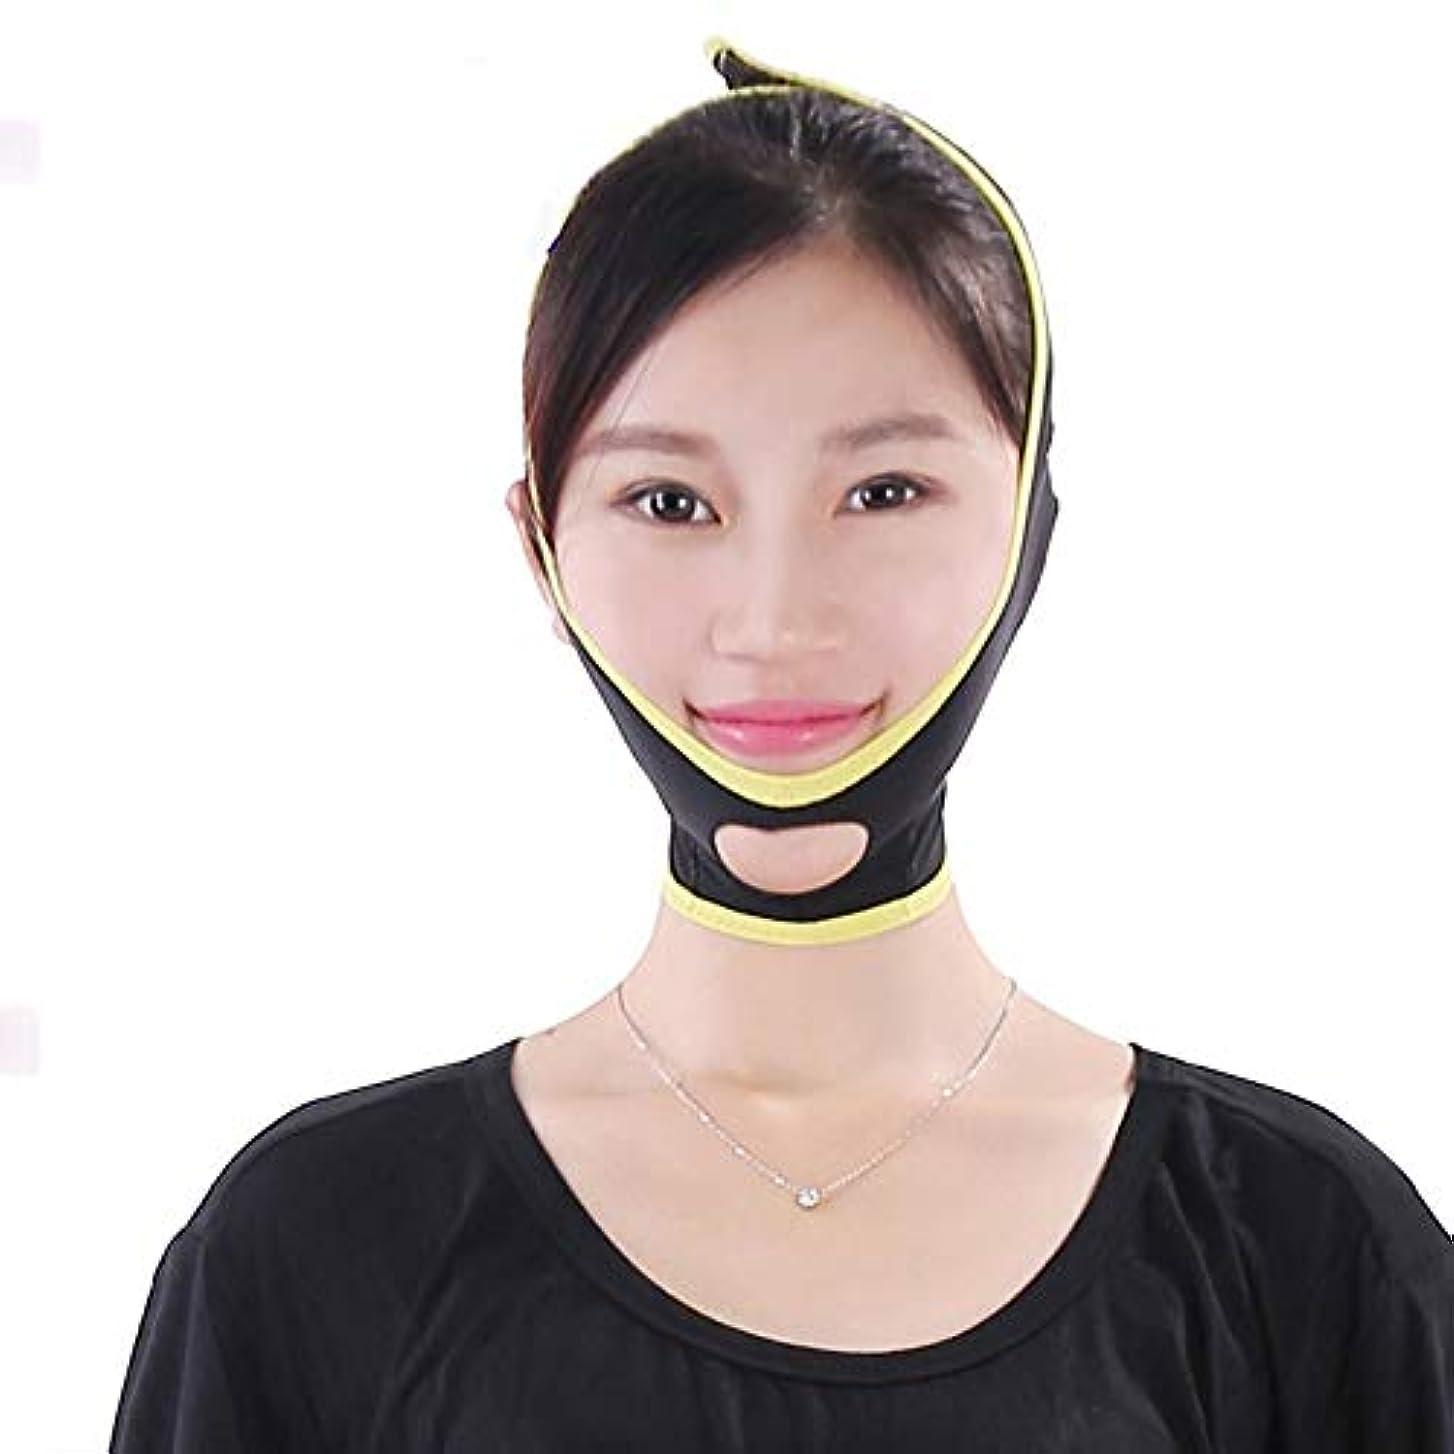 トラップ誘惑するあごVフェイスマスク、フェイスリフティングアーティファクト、美容マスク、顔のしわ防止、減量、二重あご